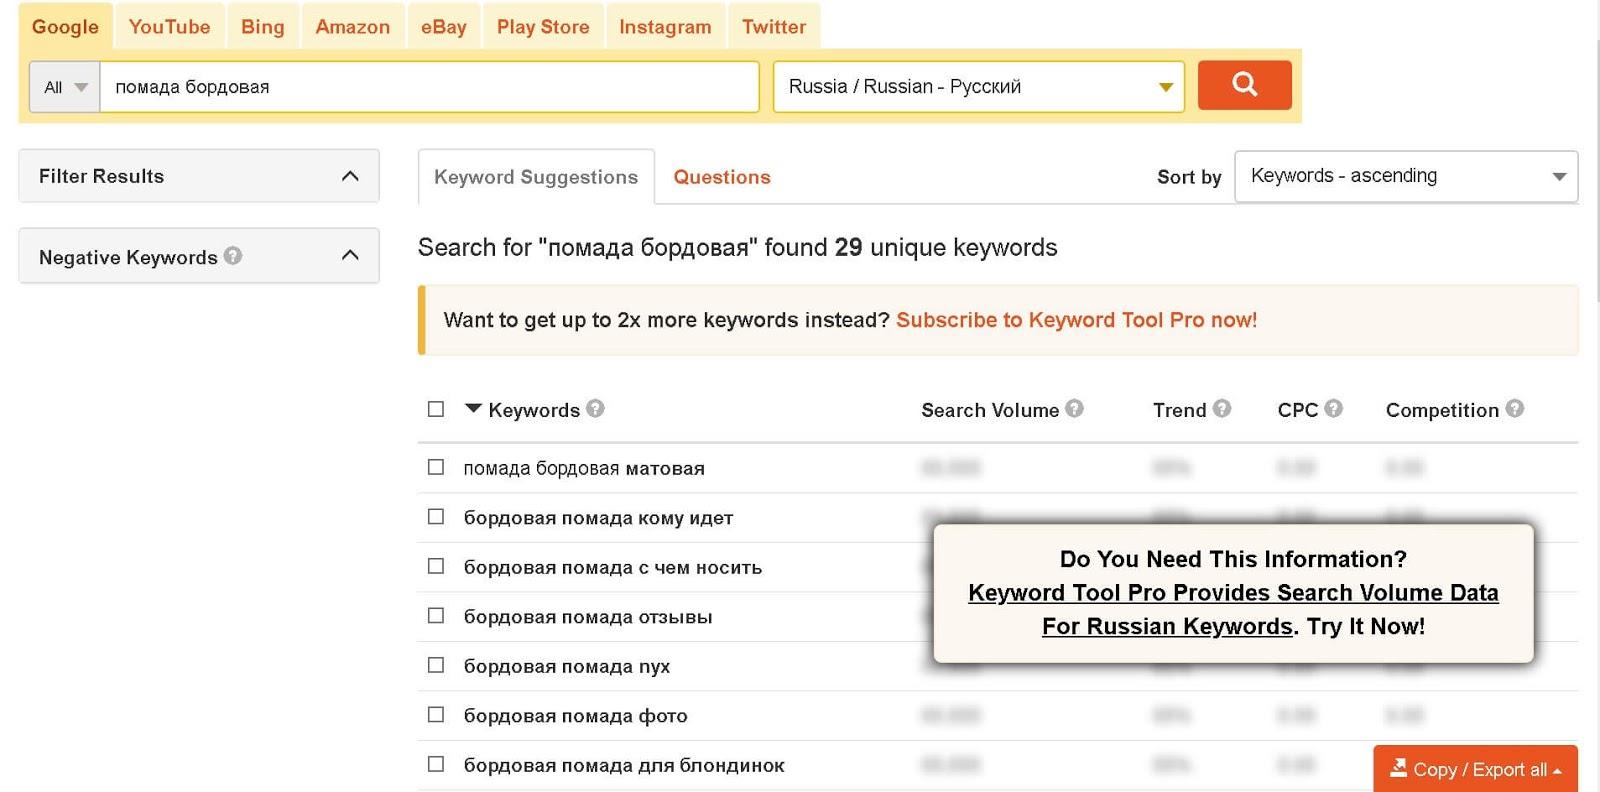 kak-provesti-issledovanie-klyuchevykh-slov-keyword-tool-poisk-po-klyuchevomu-slovu-pomada-bordovaya-1